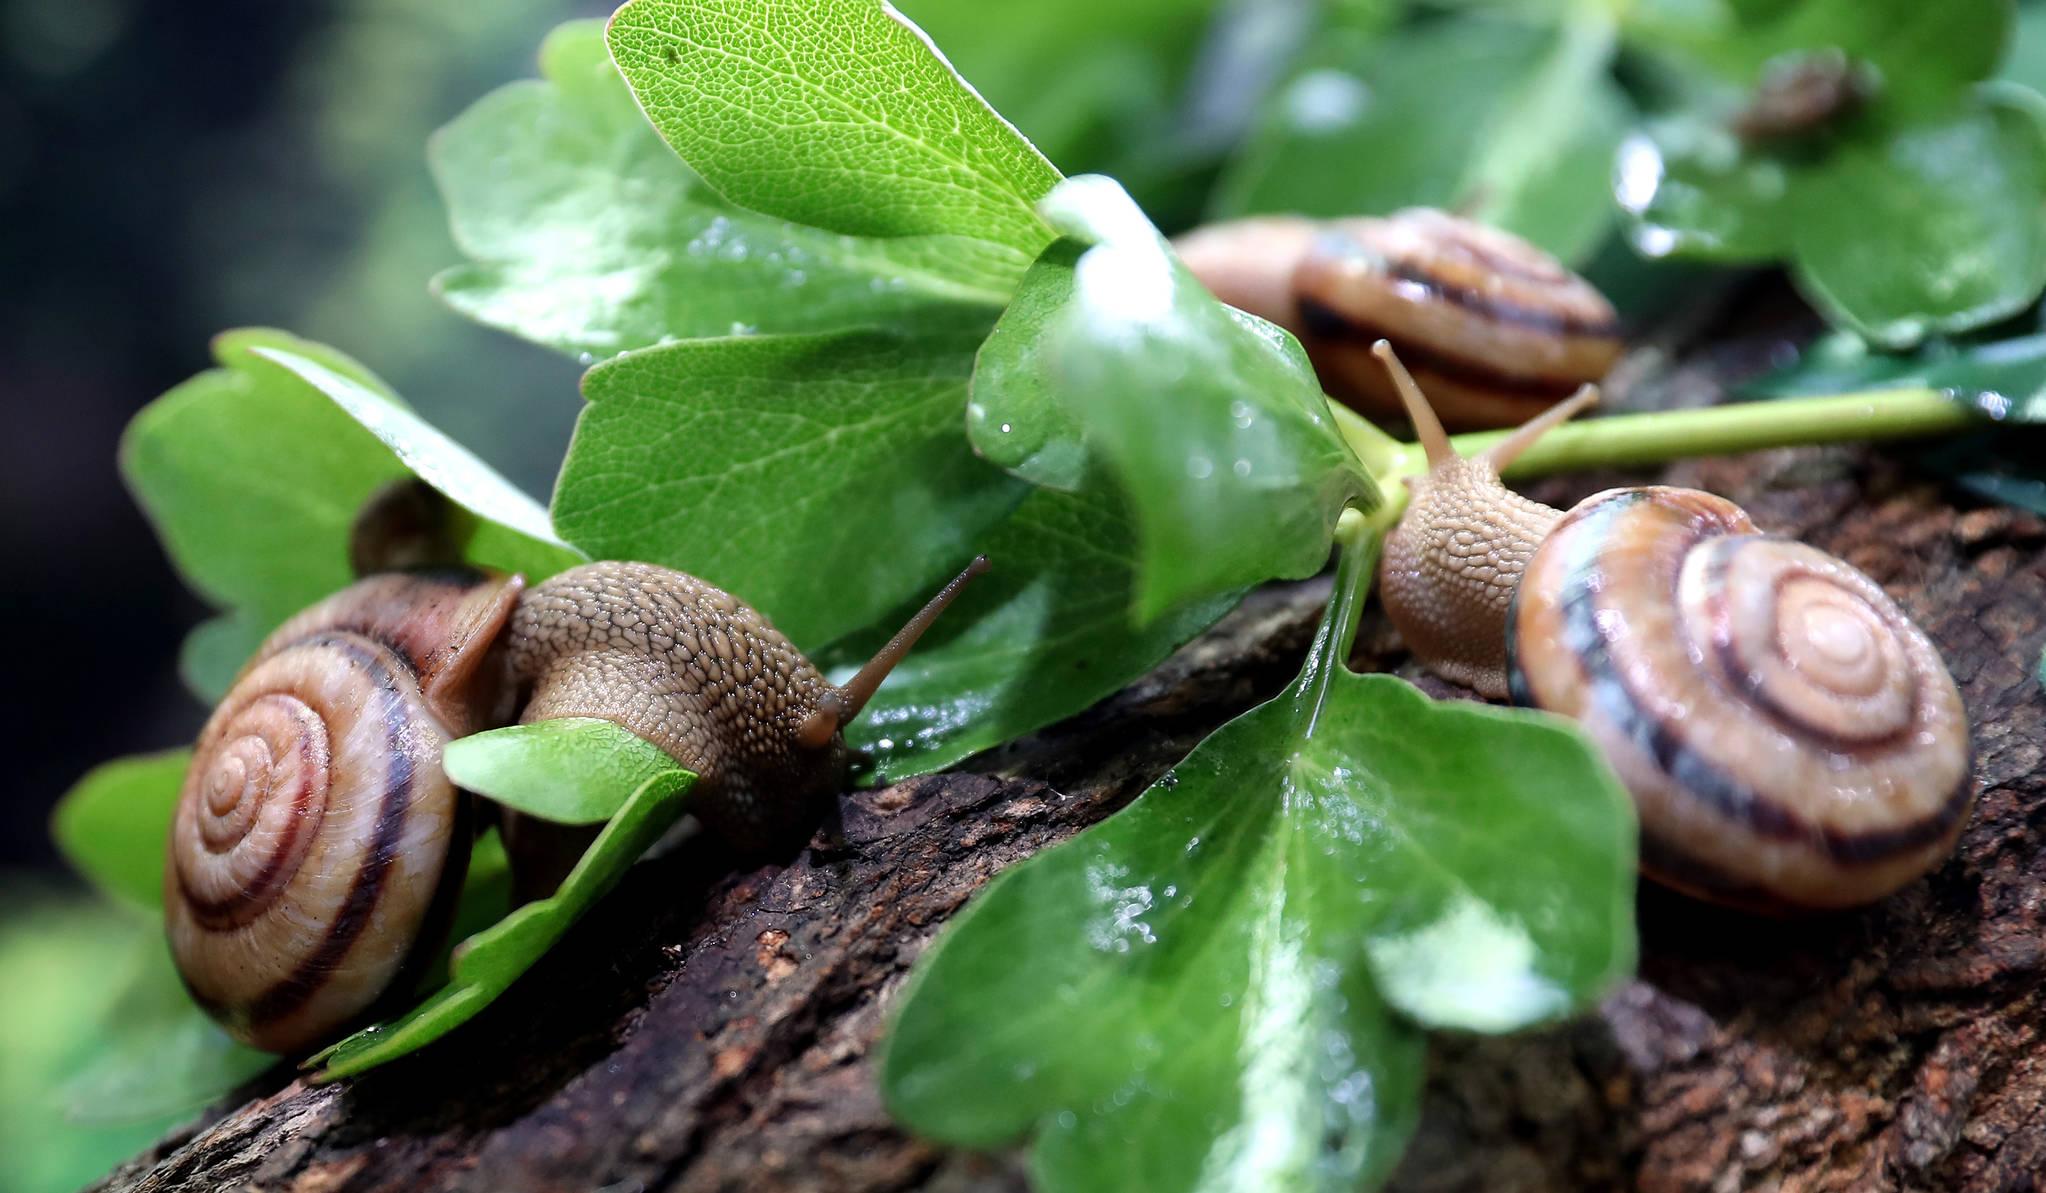 토종 달팽이인 동양달팽이가 먹이 활동을 하고 있다. 동양 달팽이는 흔히 볼 수 있는 명주달팽이와 달리 껍데기 높이 34 mm, 지름 50 mm로 토종 달팽이 중 크기가 가장 크다. 껍데기의 문양이 선명하고 아름다워 애완용 달팽이로 인기가 있다. 우상조 기자